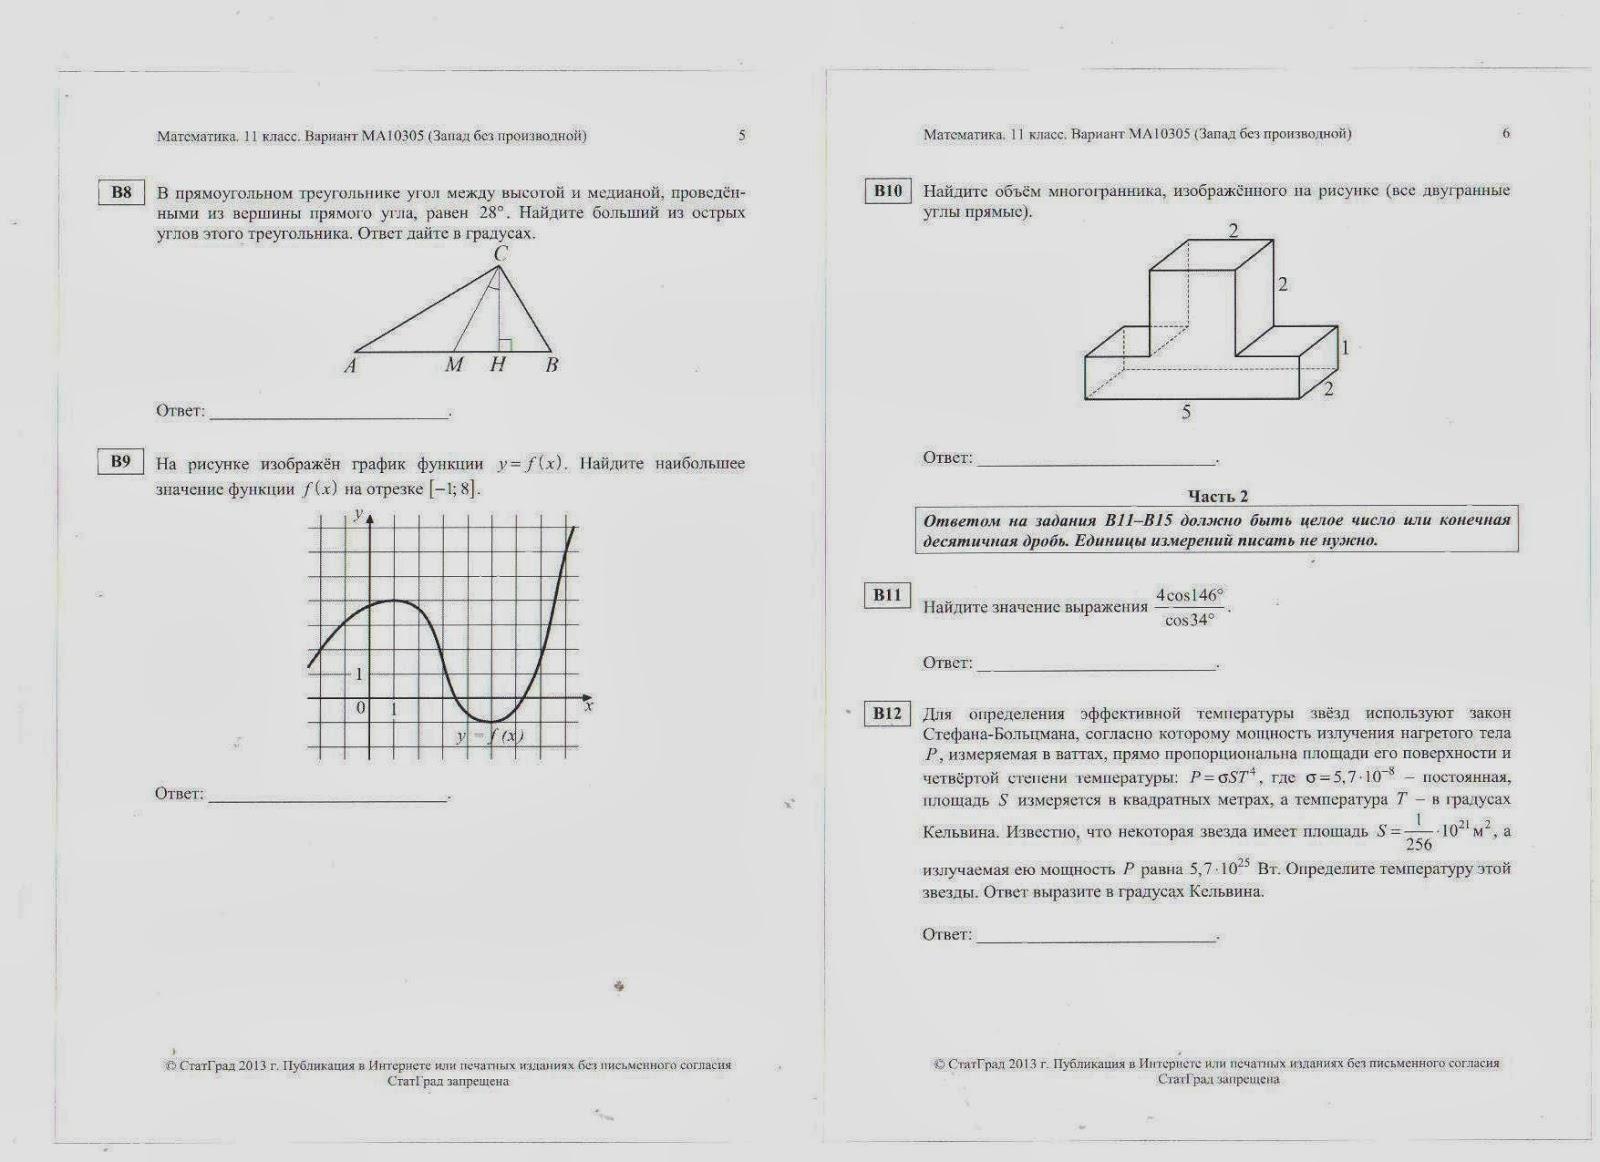 Задания по алгебре и геометрии Домашняя контрольная работа  Домашняя контрольная работа 10 класс Алгебра